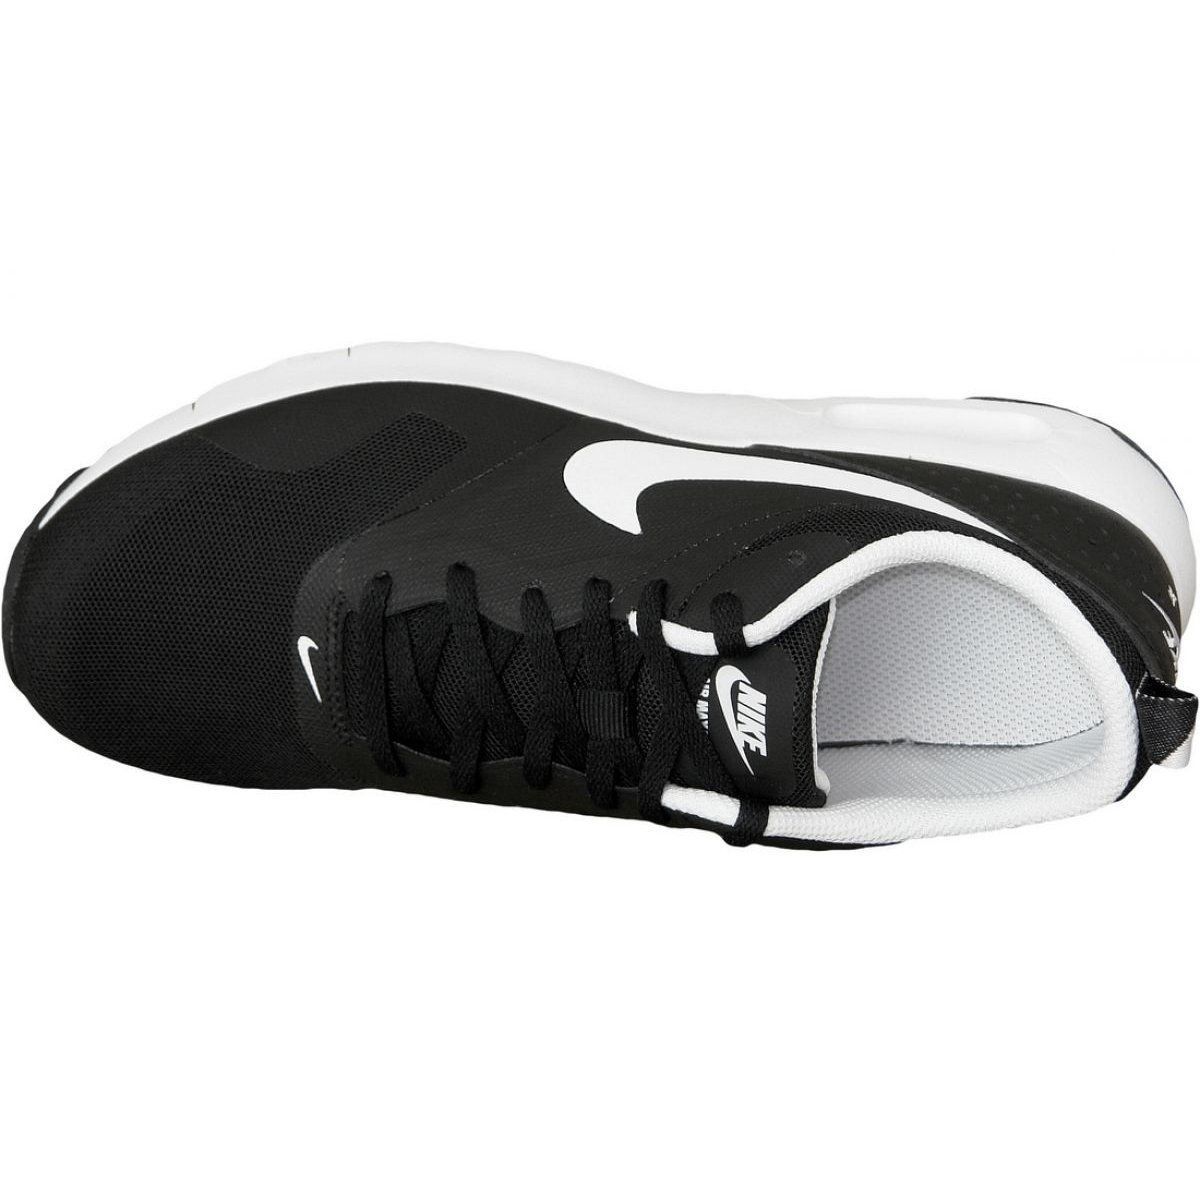 Buty Nike Air Max Tavas Gs W 814443 001 Czarne Nike Nike Air Max Nike Air